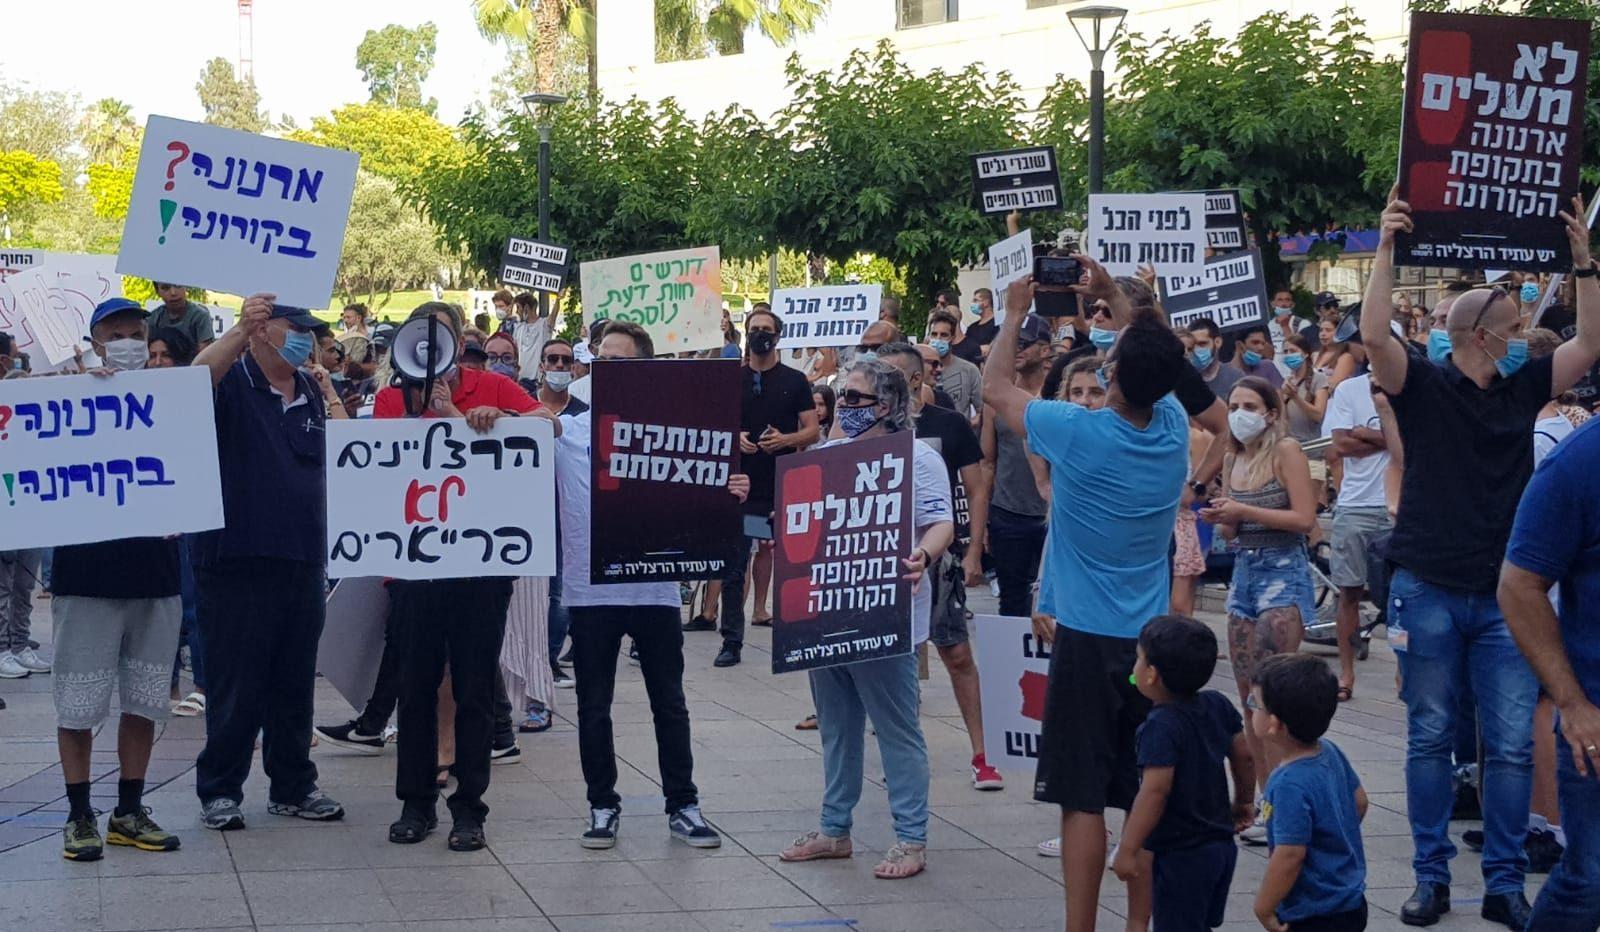 הפגנת המחאה נגד העלאת הארנונה בפתח ישיבת המועצה